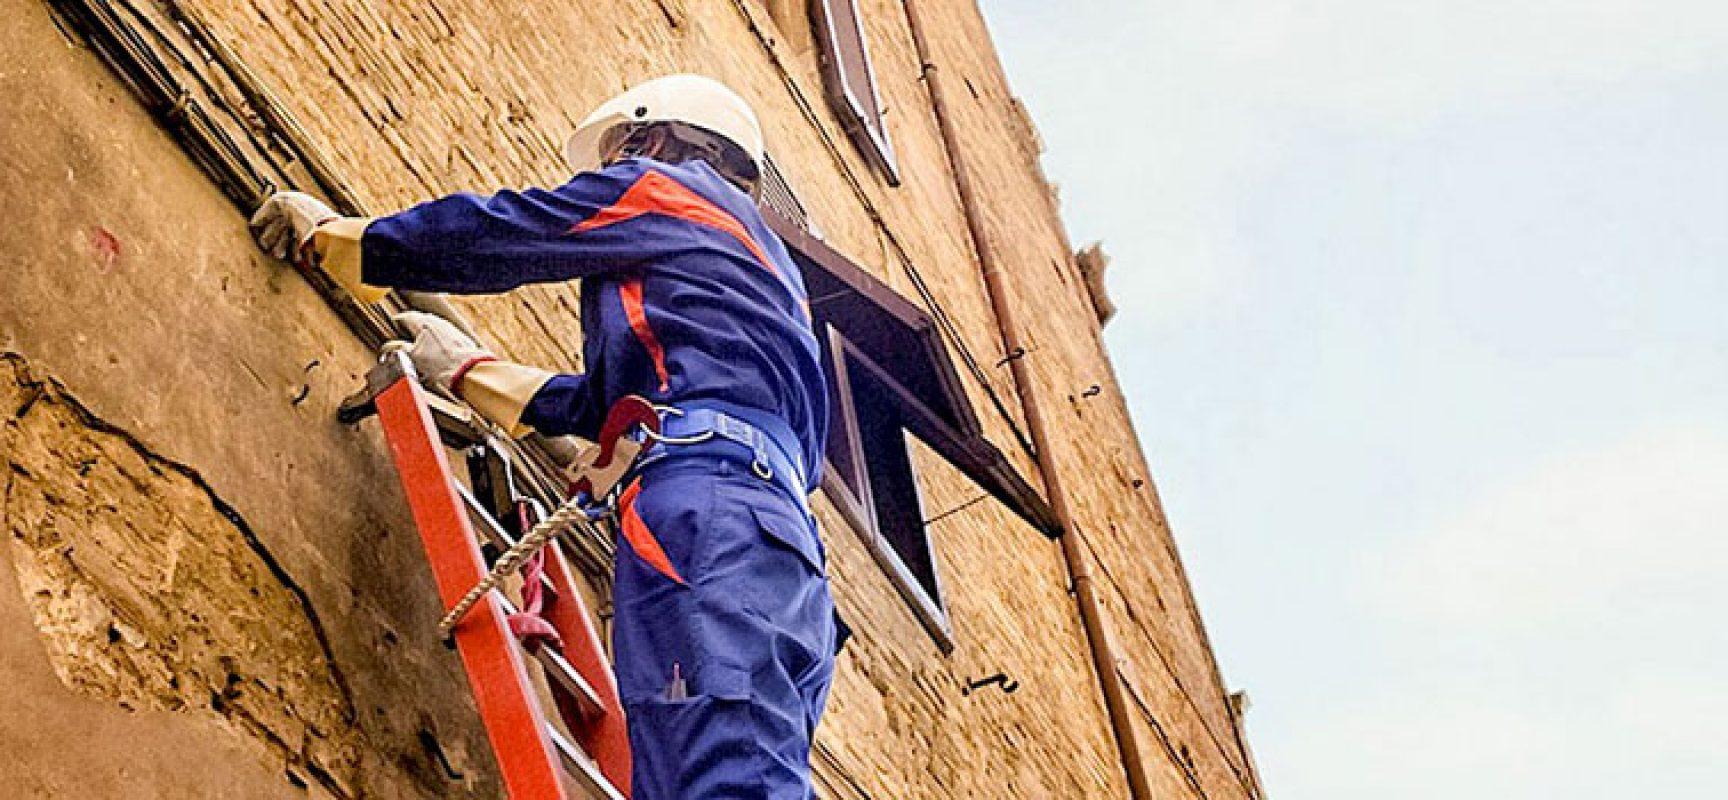 Domani interruzione energia elettrica per lavori in centro storico e zona porto / DETTAGLI